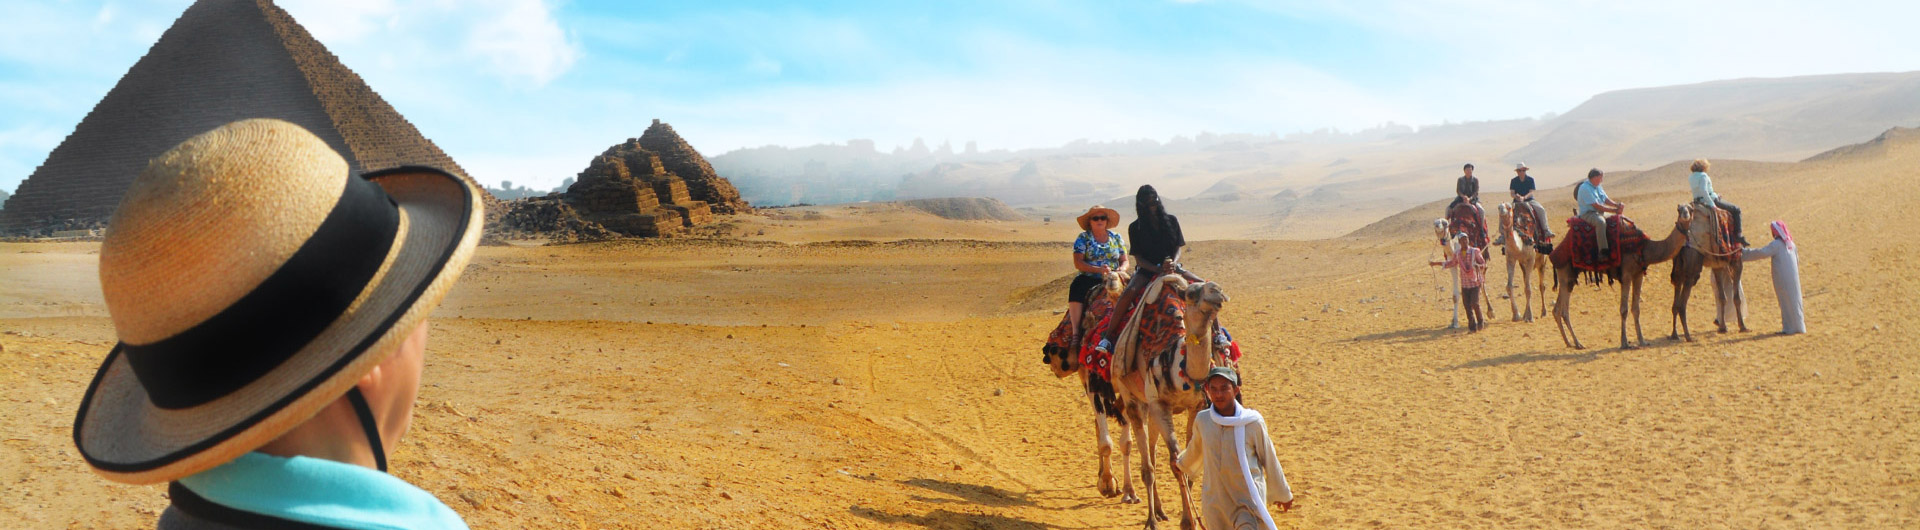 Un paseo a camello en Egipto